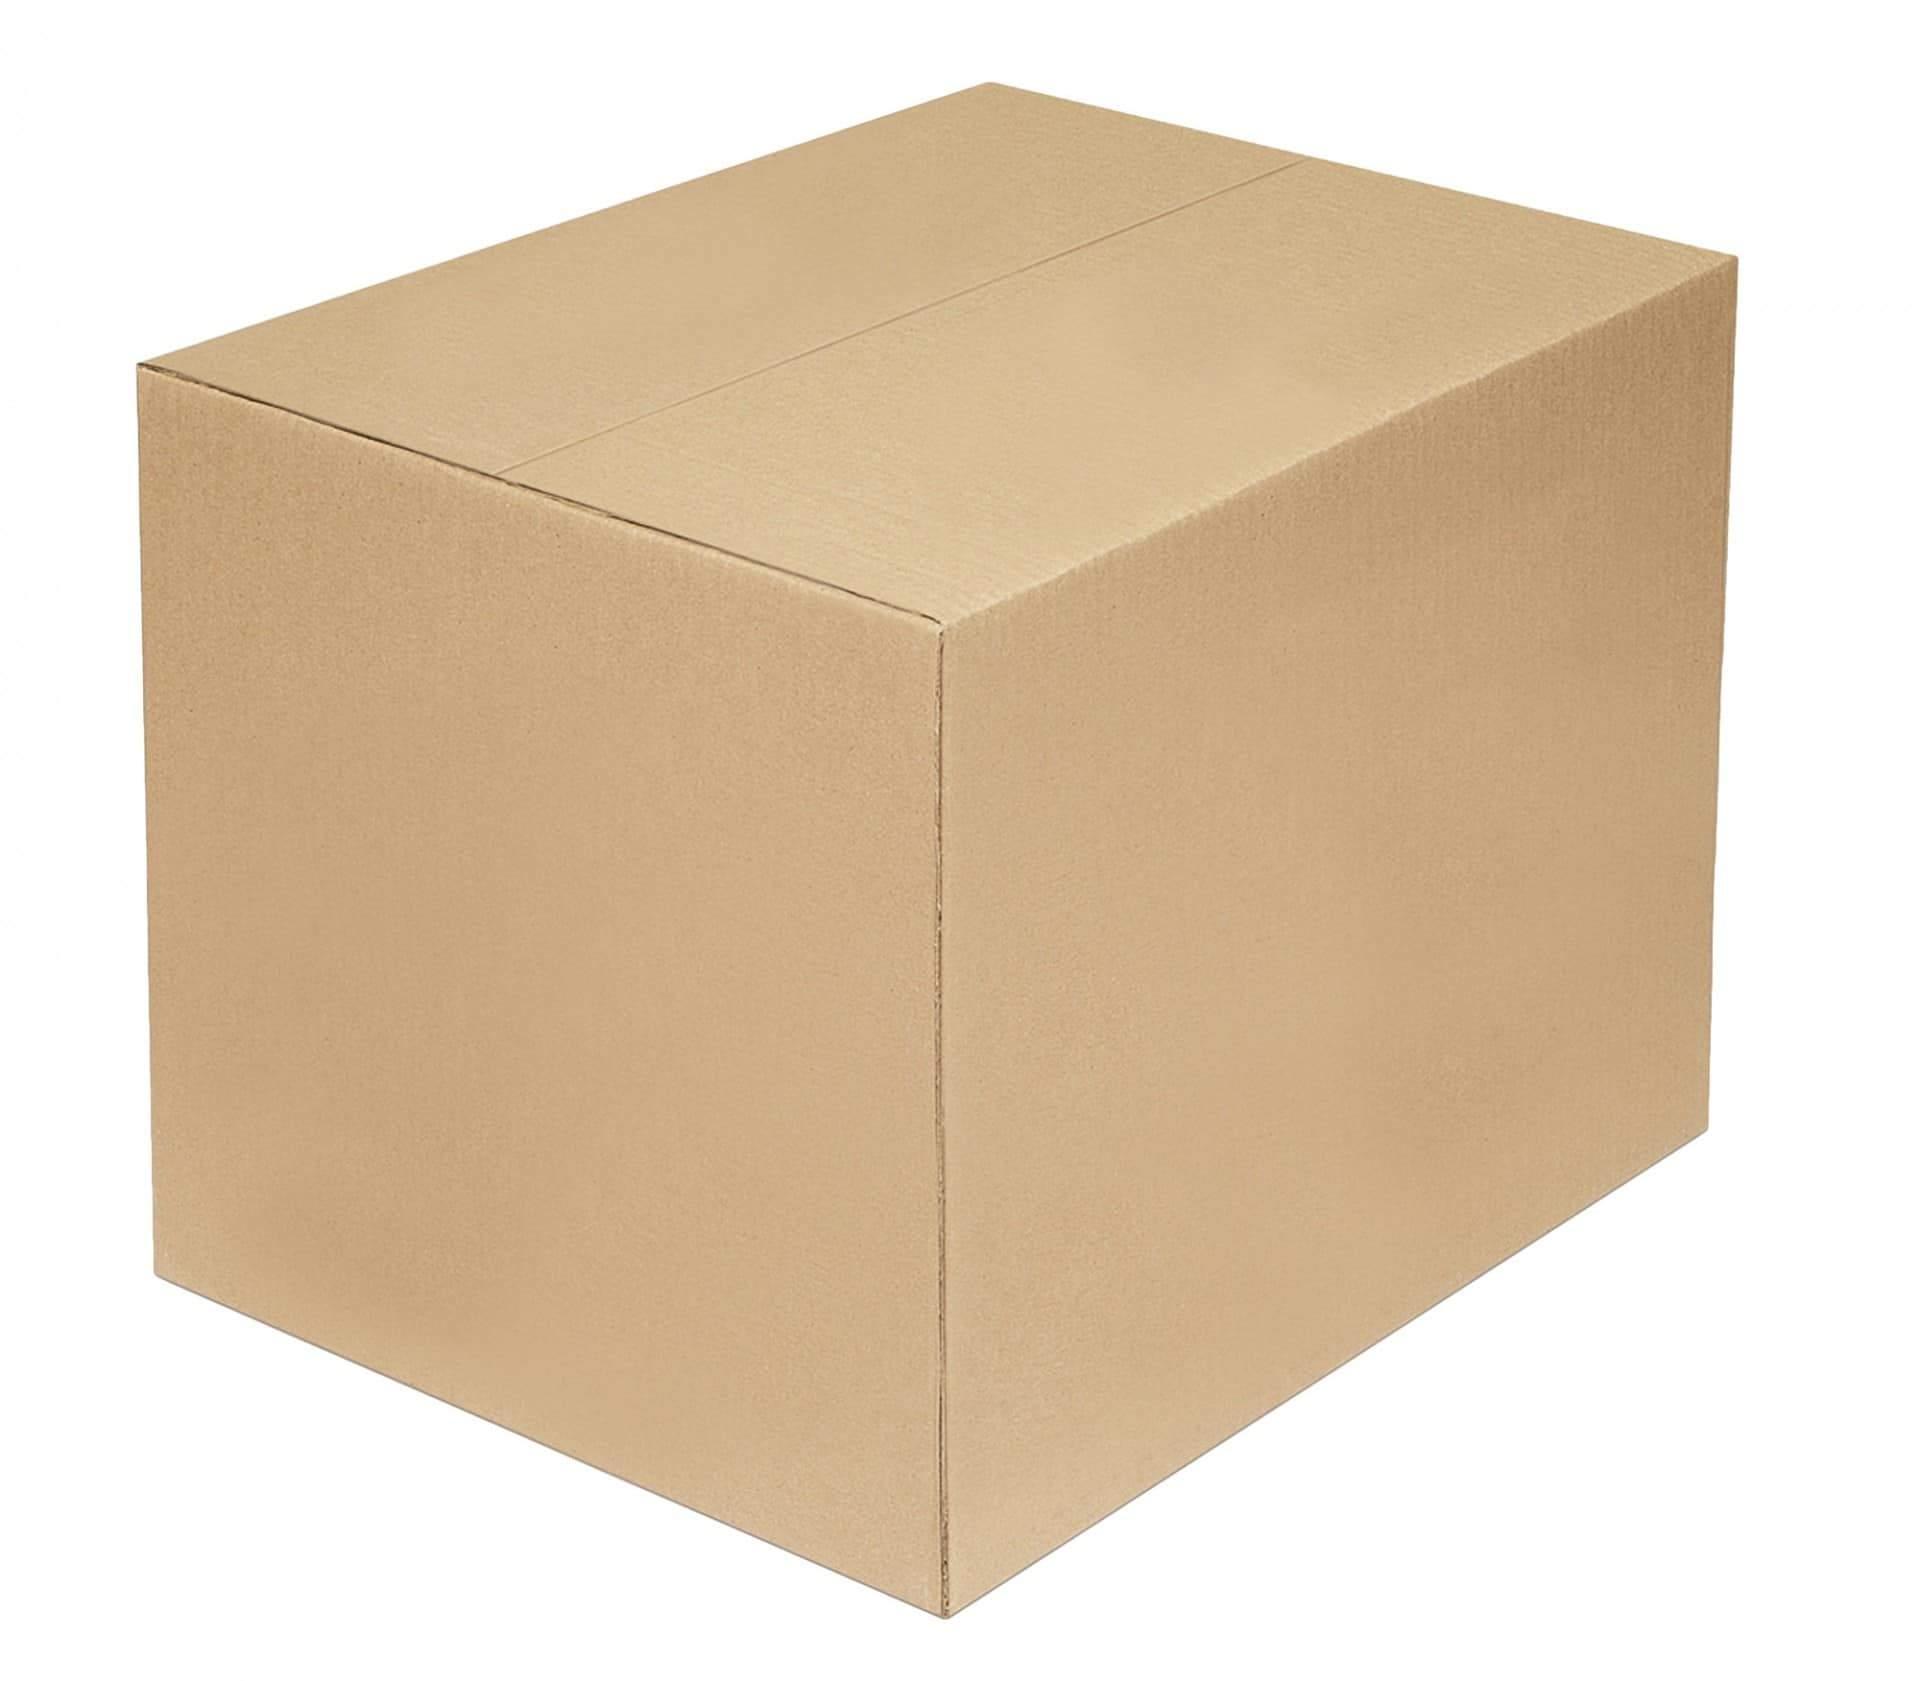 cho ban thung carton gia re1 - Mua thùng carton đóng hàng đi máy bay